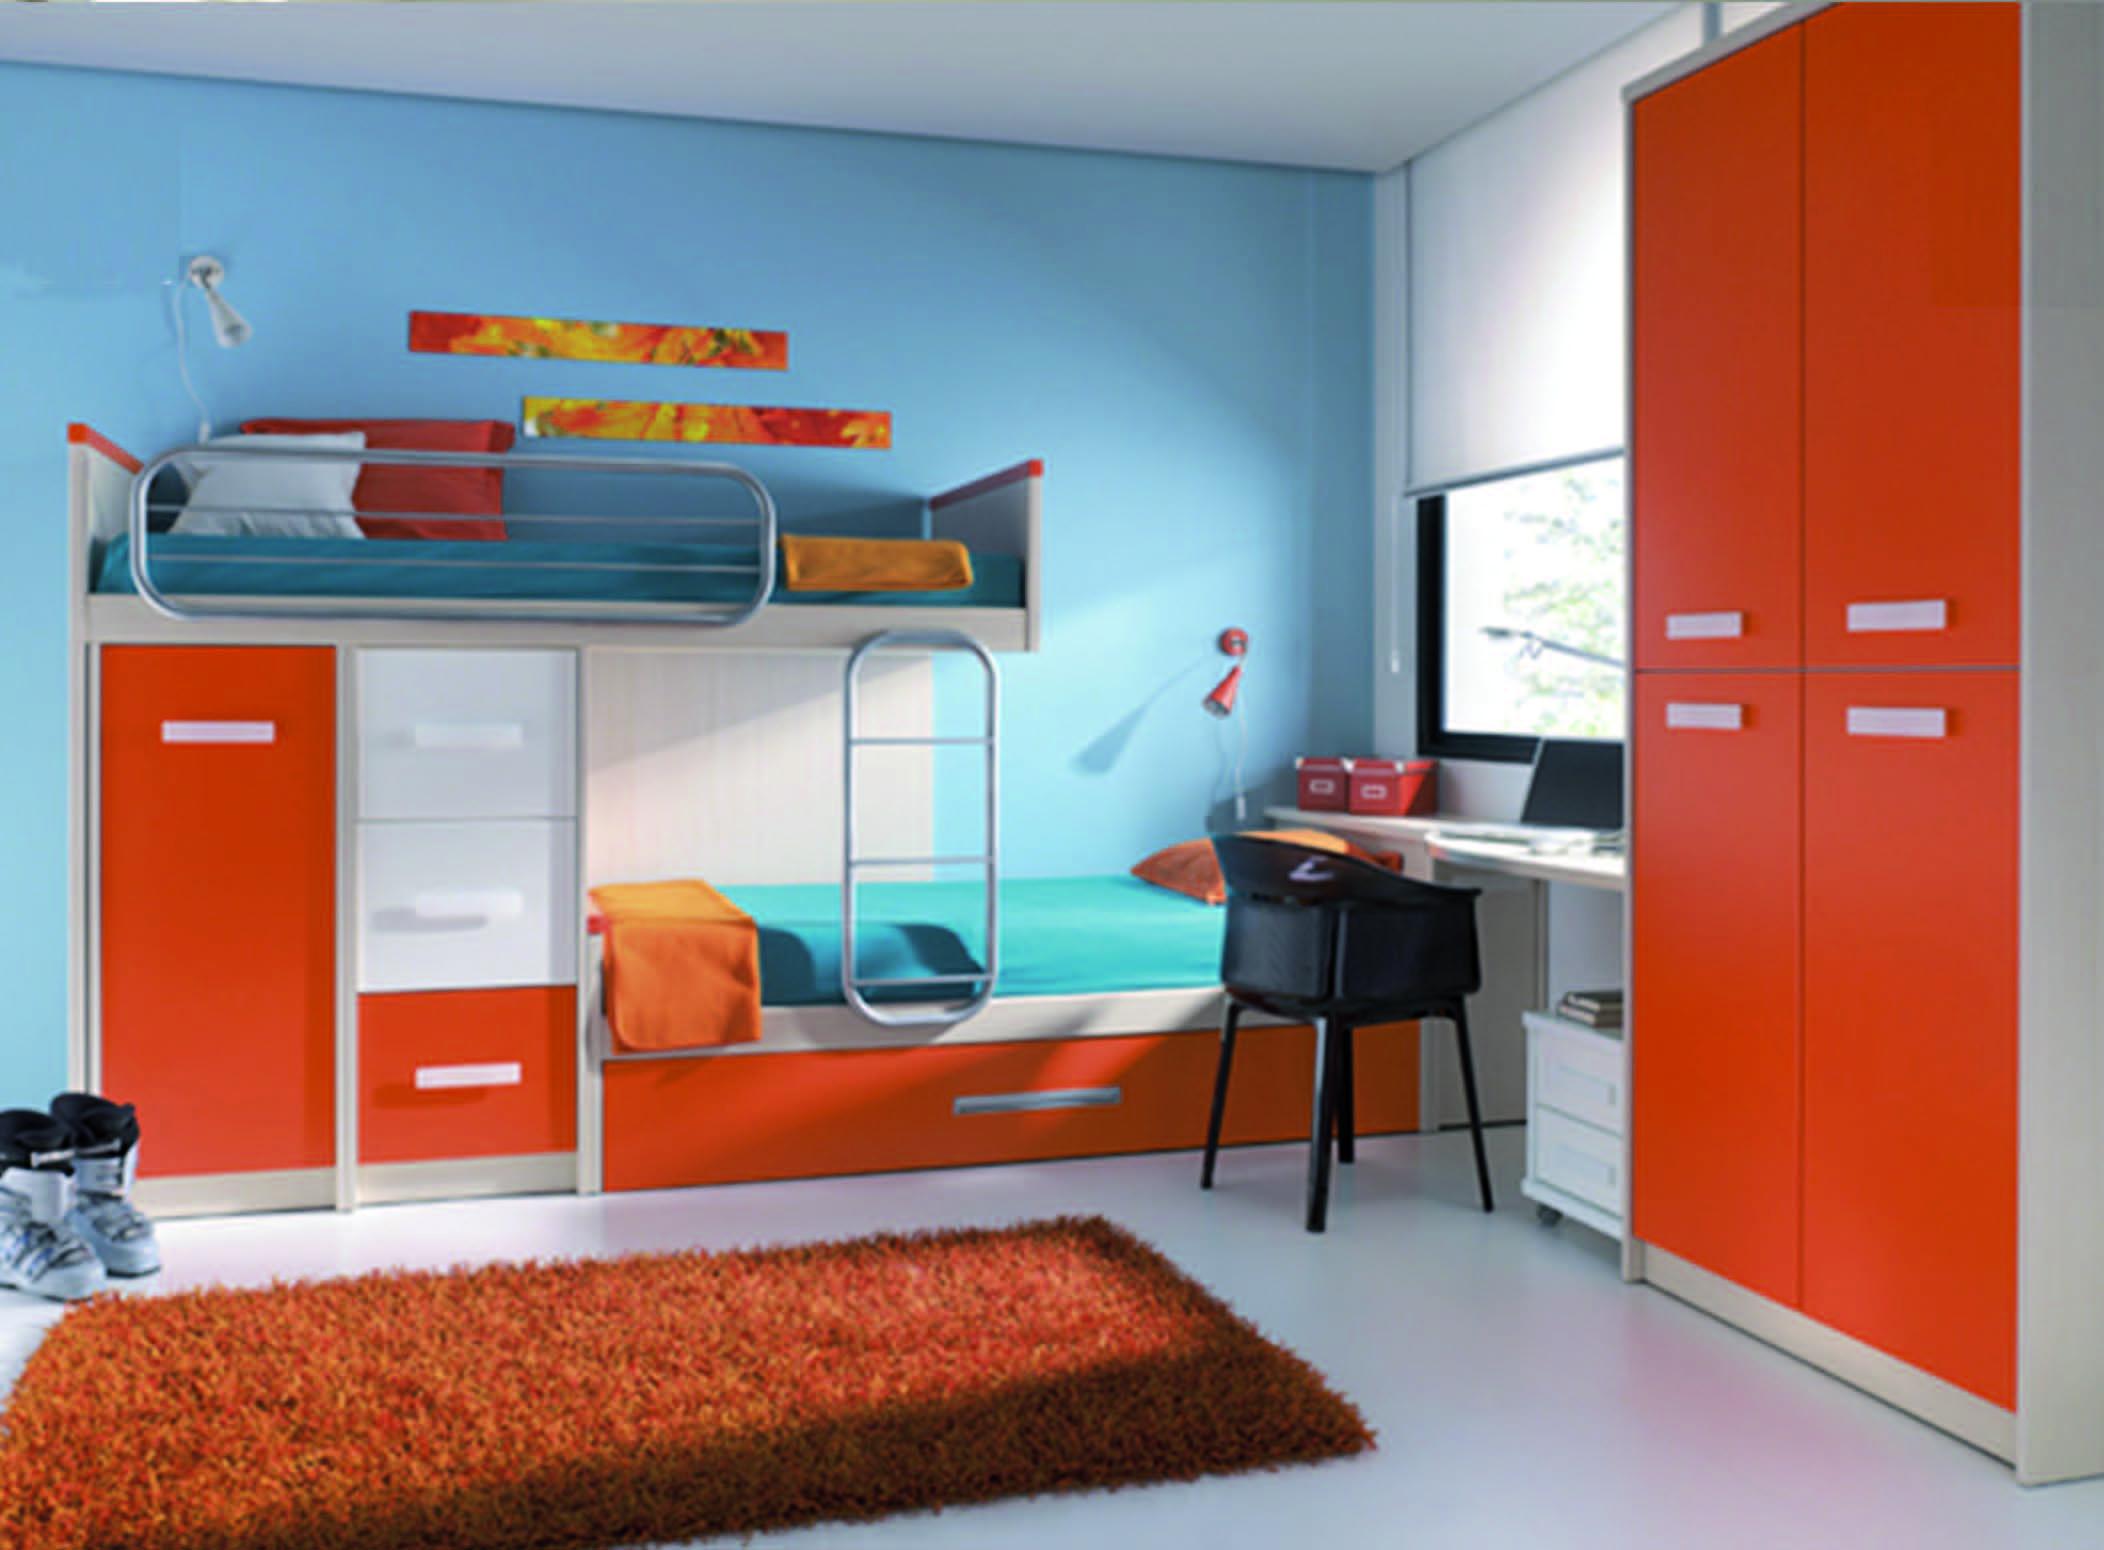 Fotos colores de habitaciones images - Colores de habitaciones ...